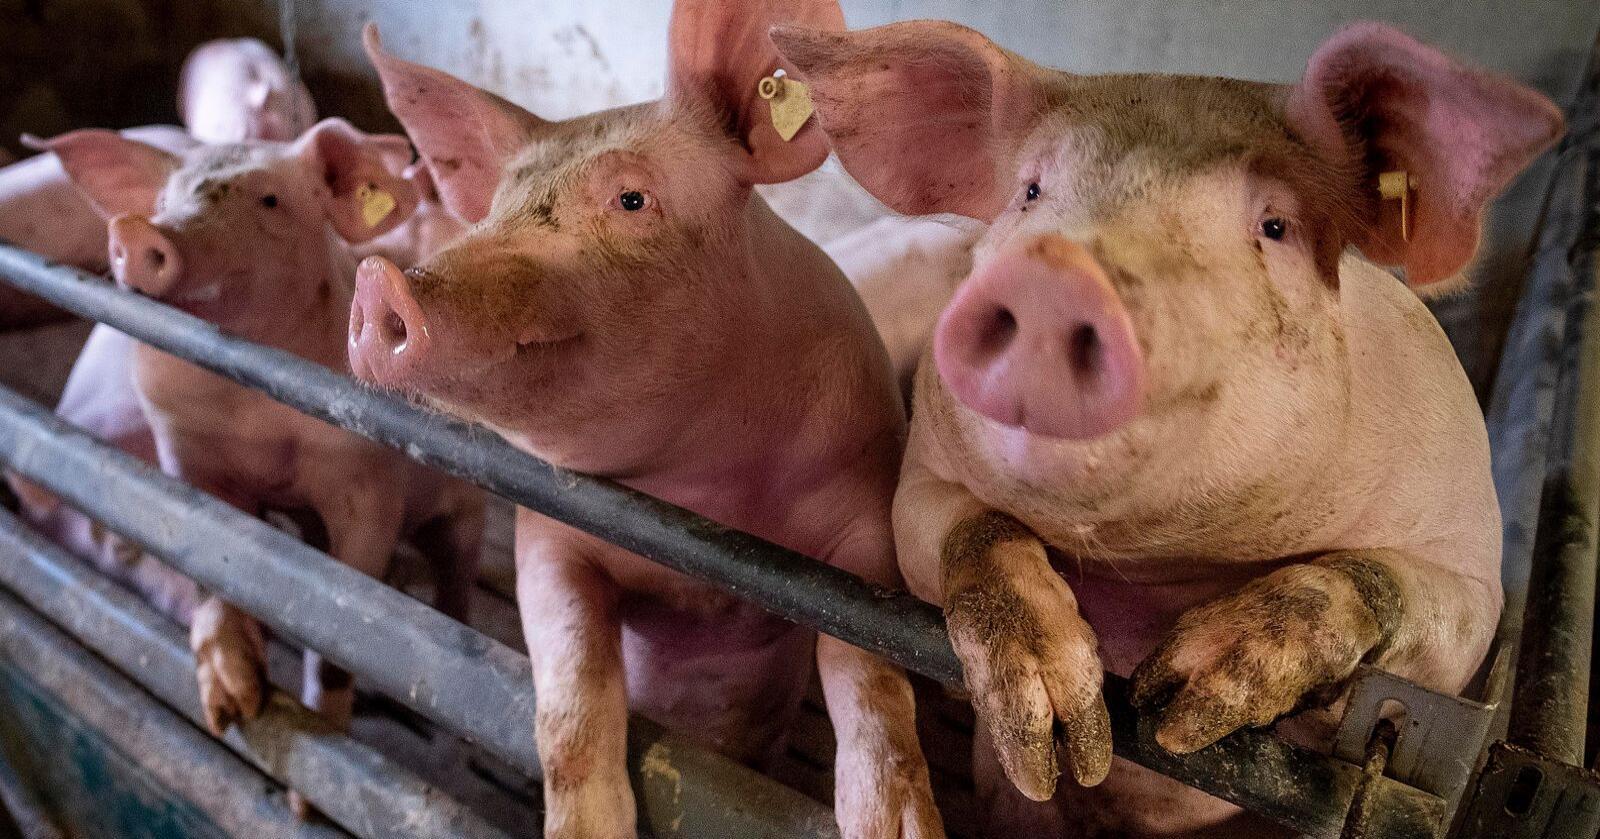 Det nye influensaviruset som er funnet i Kina, er påvist hos griser, men kan smitte videre til mennesker. Her griser fra en gård nære Frankfurt i Tyskland. Foto: Michael Probst / AP / NTB scanpix